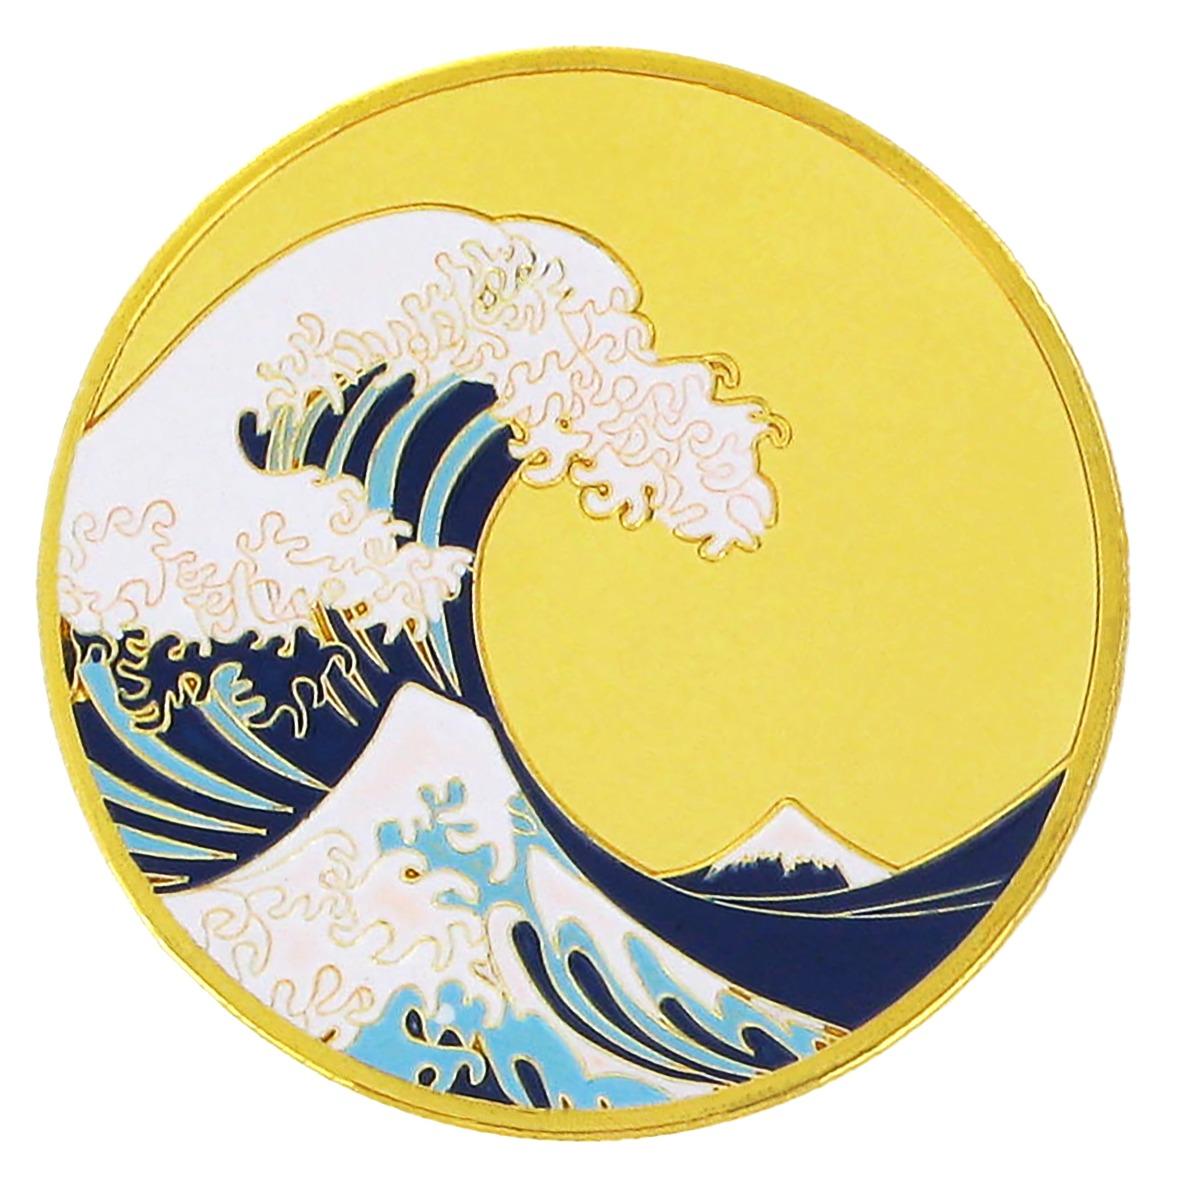 Fuji Wave souvenir coin